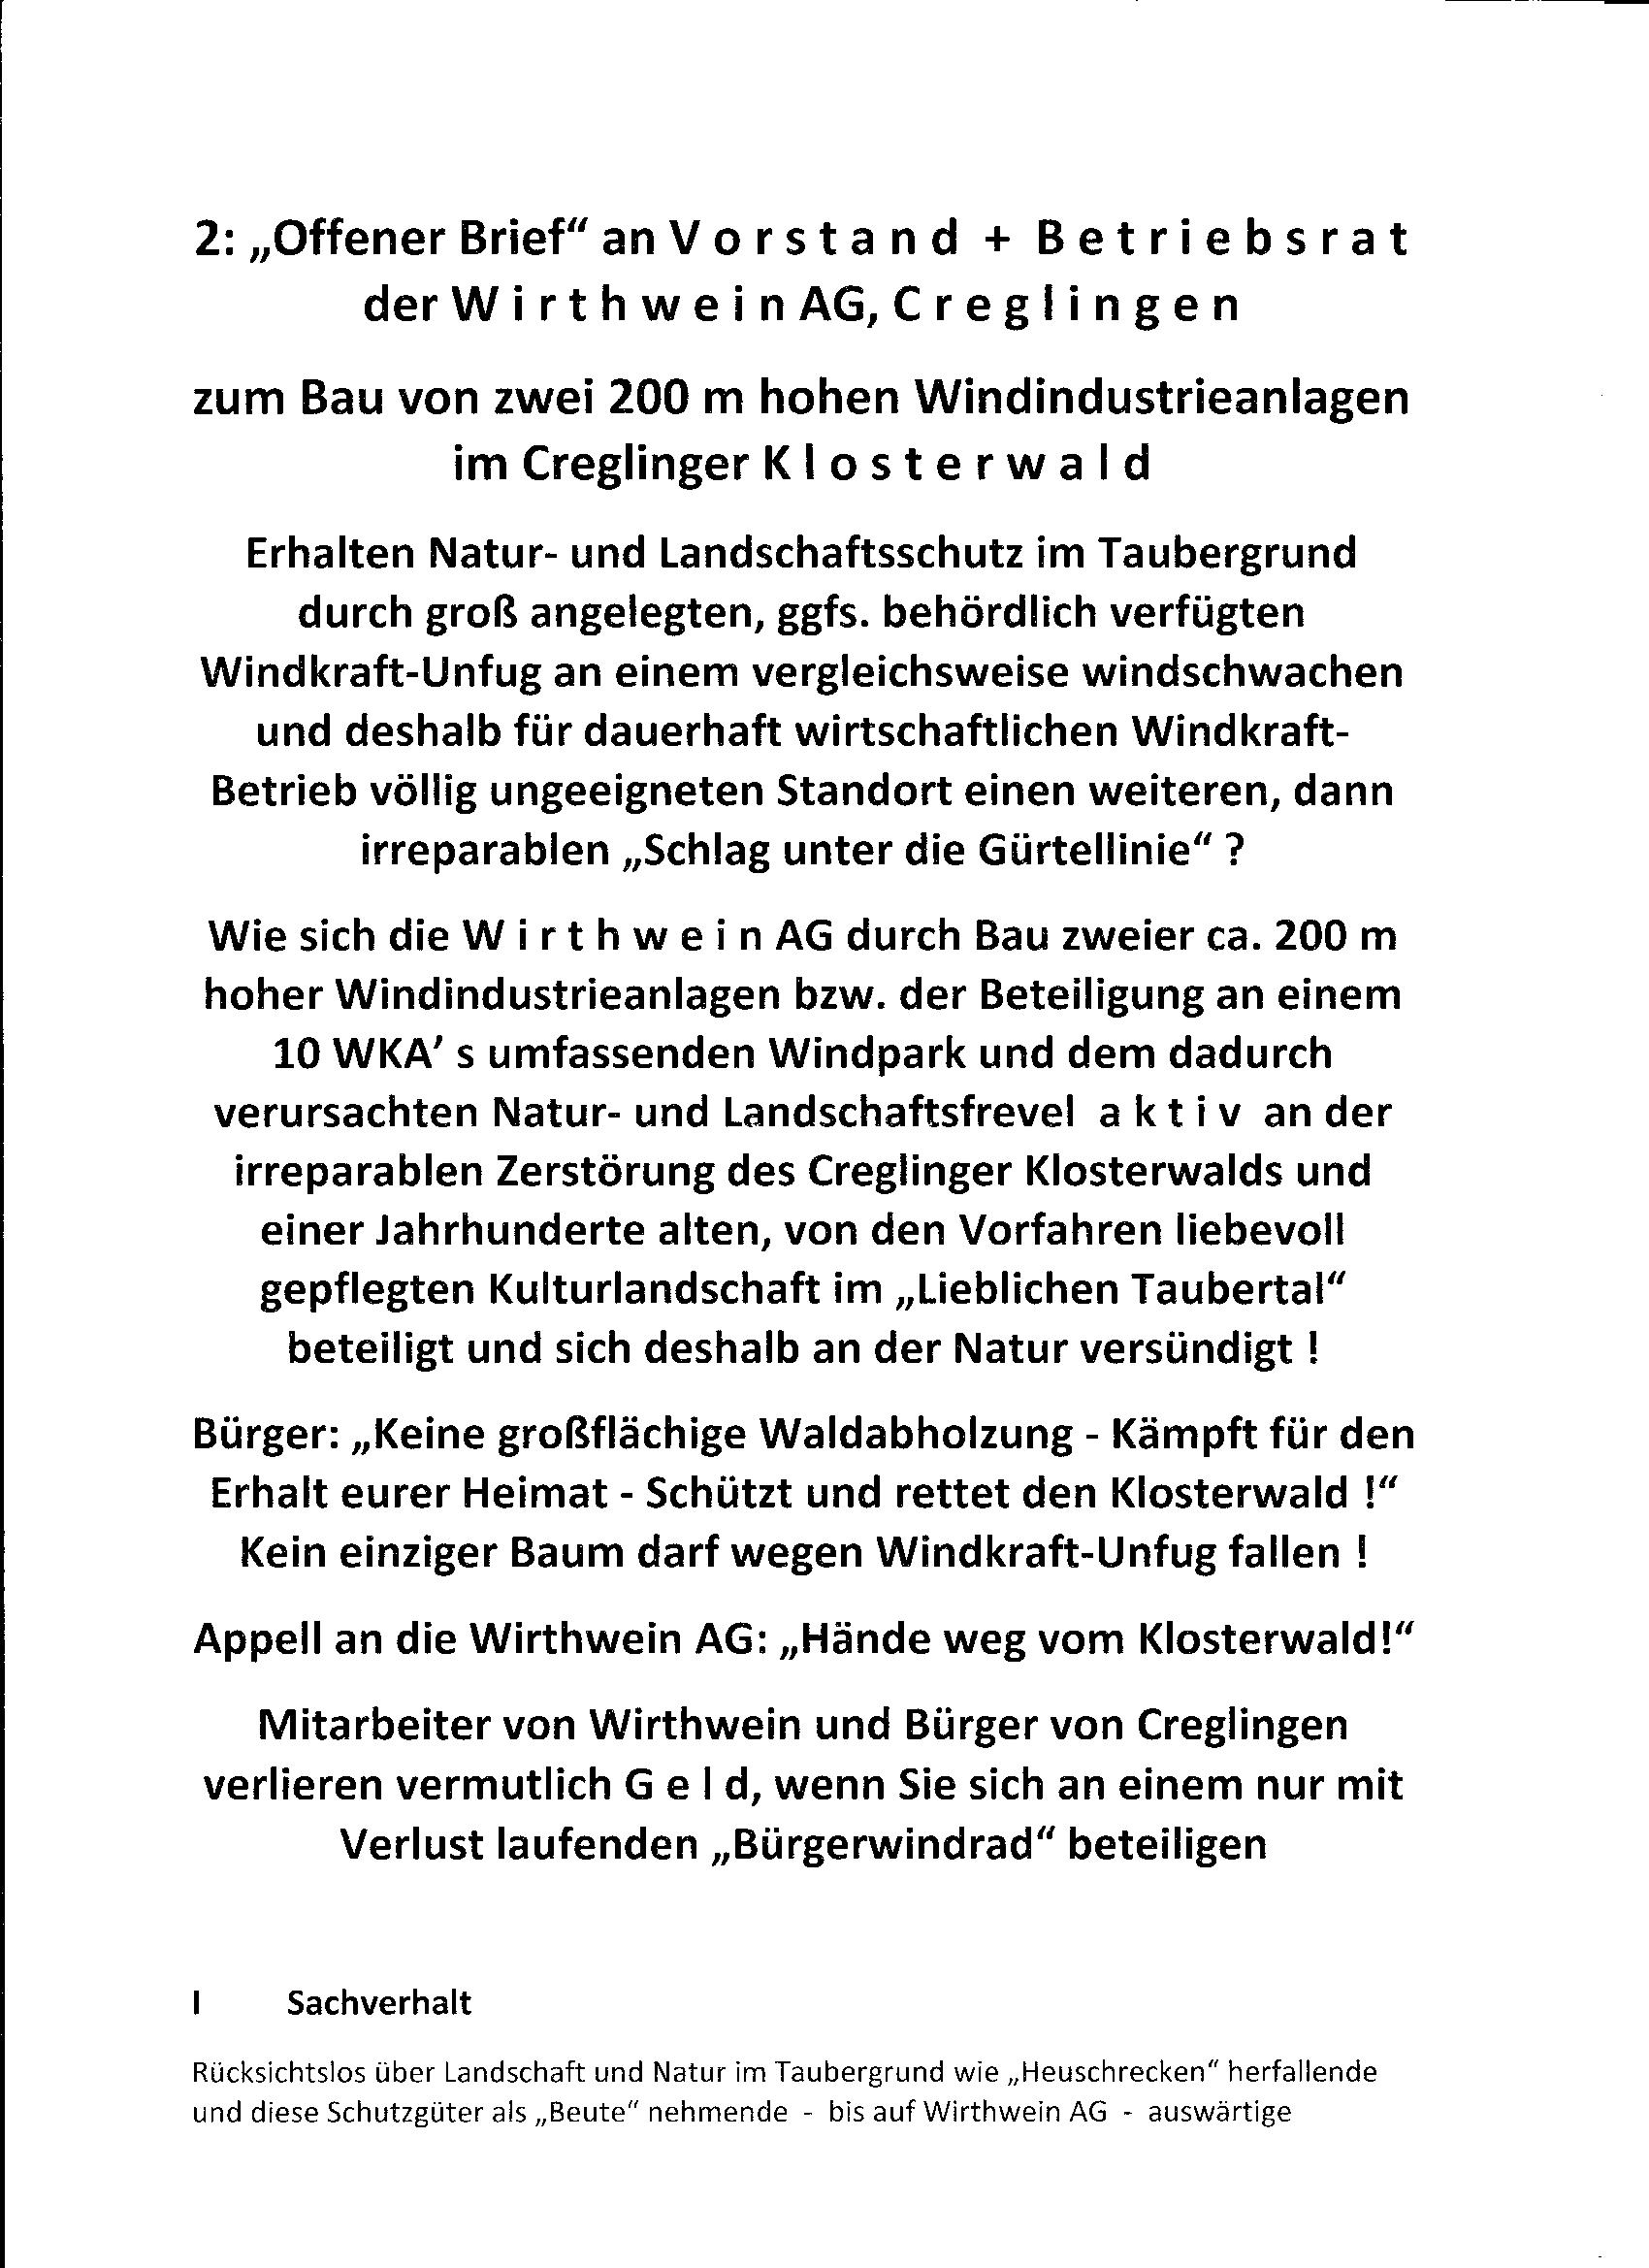 Rettet-den-Klosterwald - Offener Brief an die Wirthwein AG